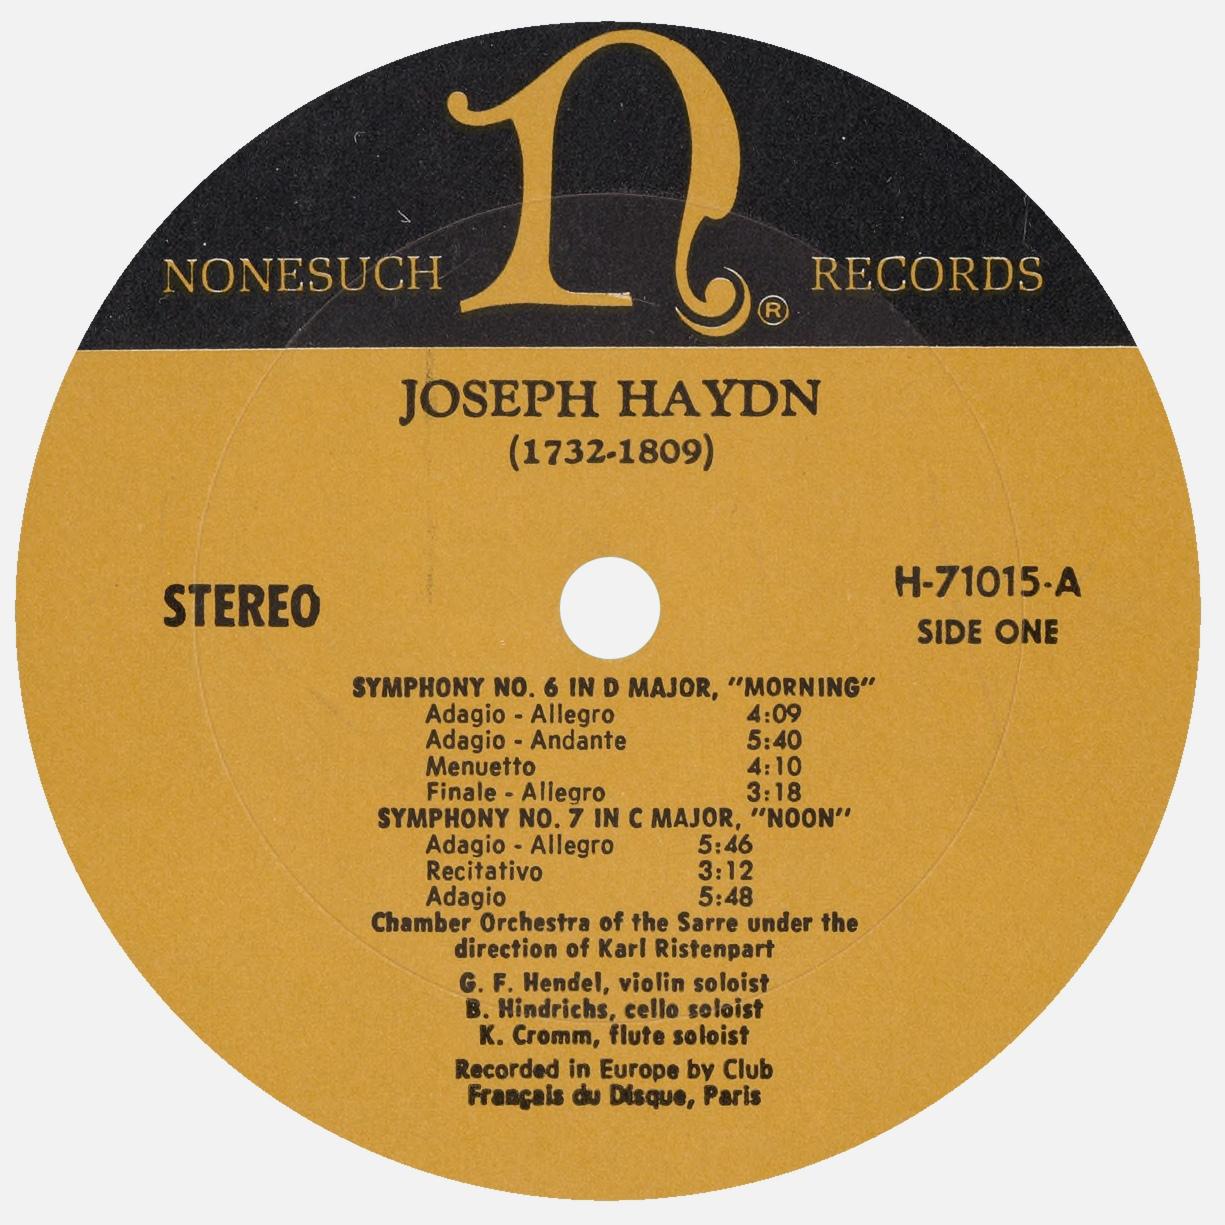 Étiquette recto du disque Nonesuch H 71015